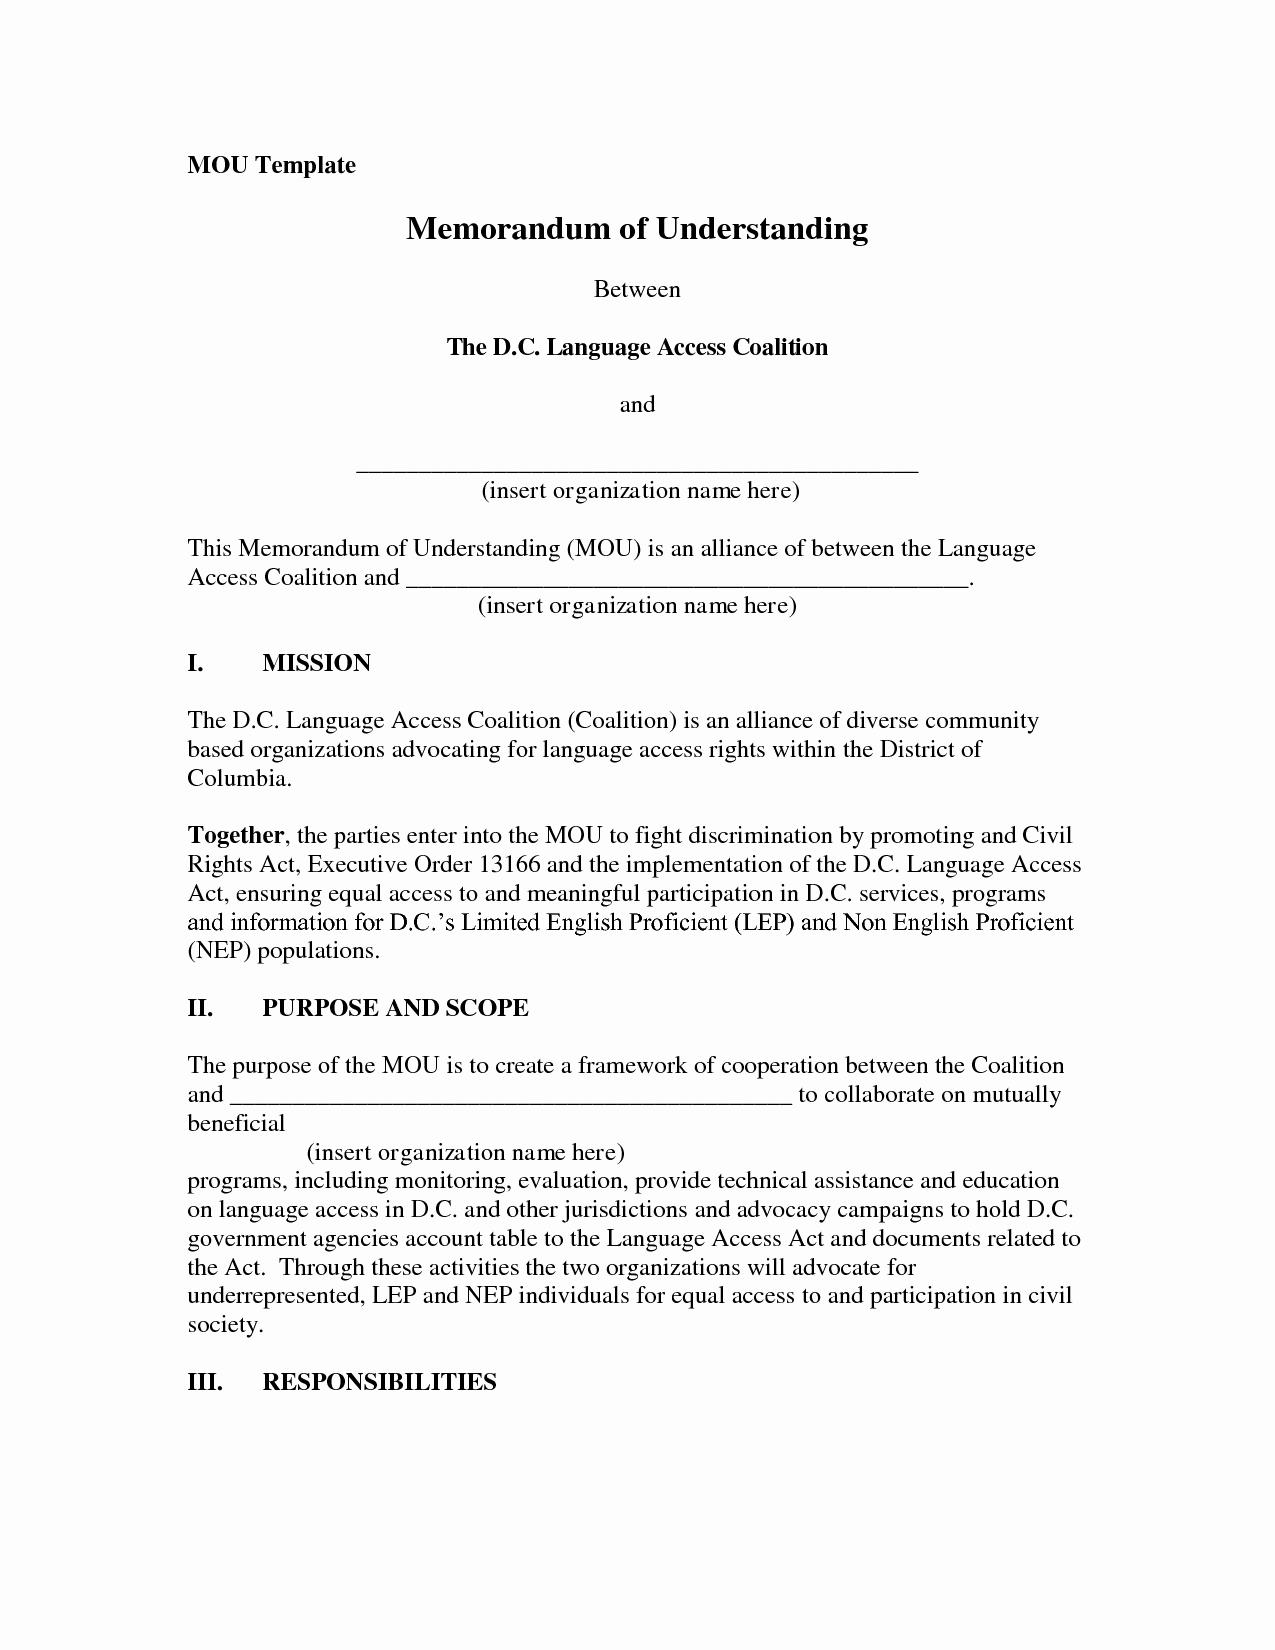 10 Best Of Example Memorandum Understanding